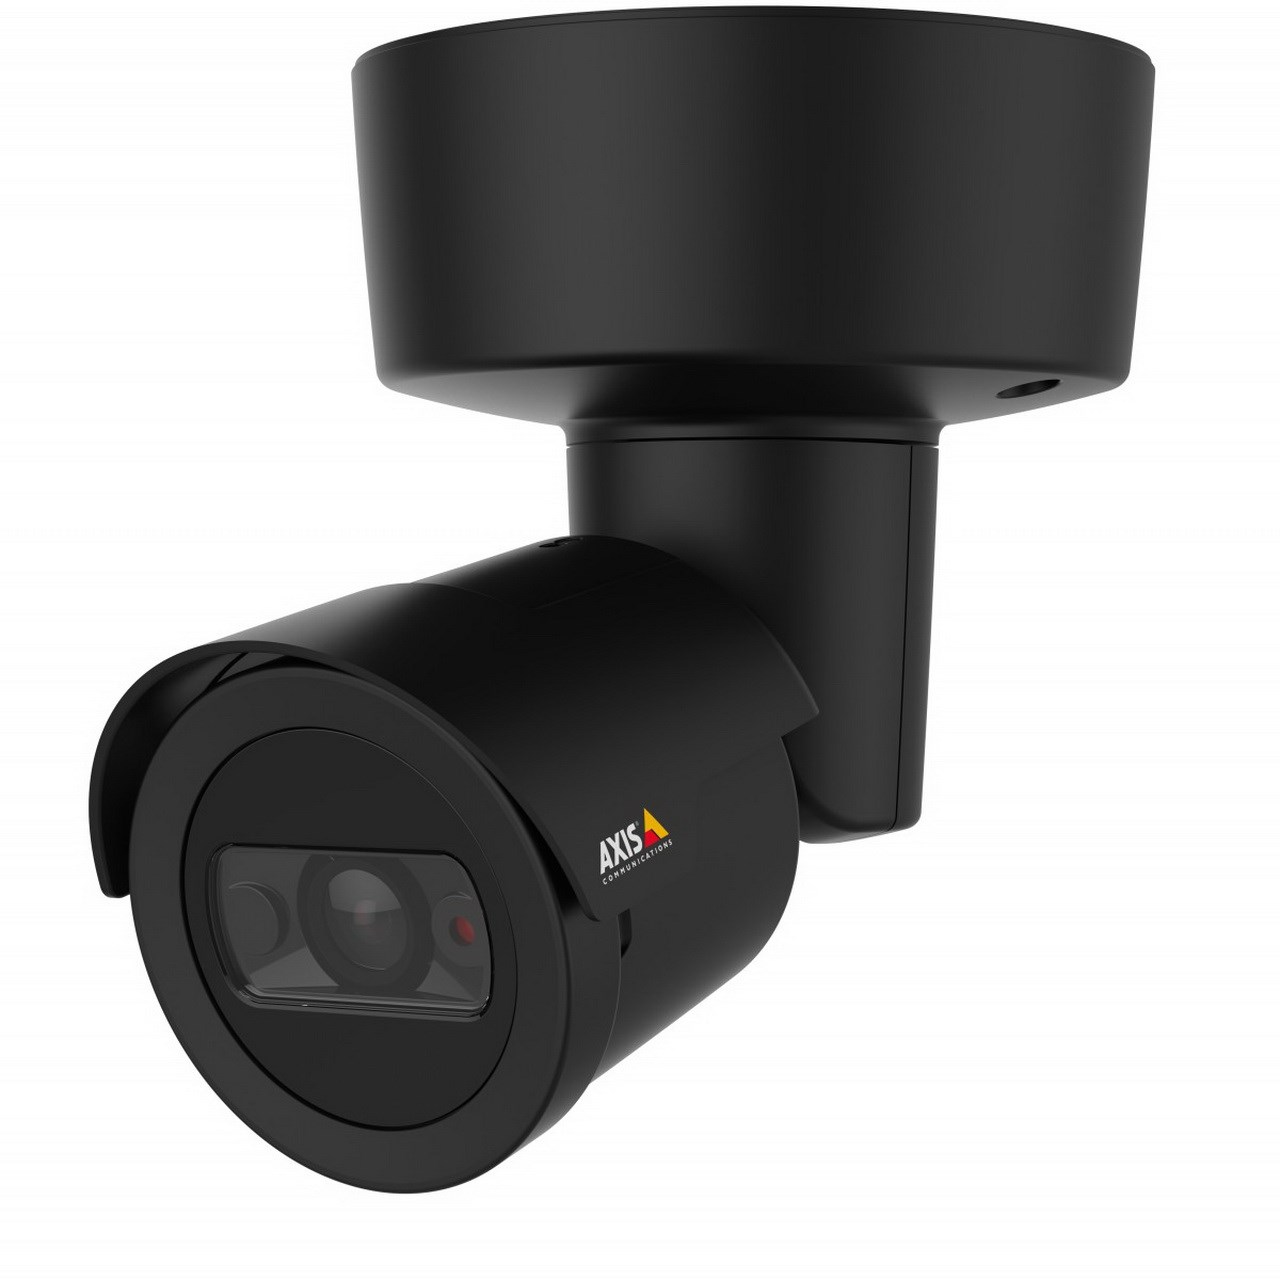 دوربین مداربسته اکسیس مدل M2026-LE